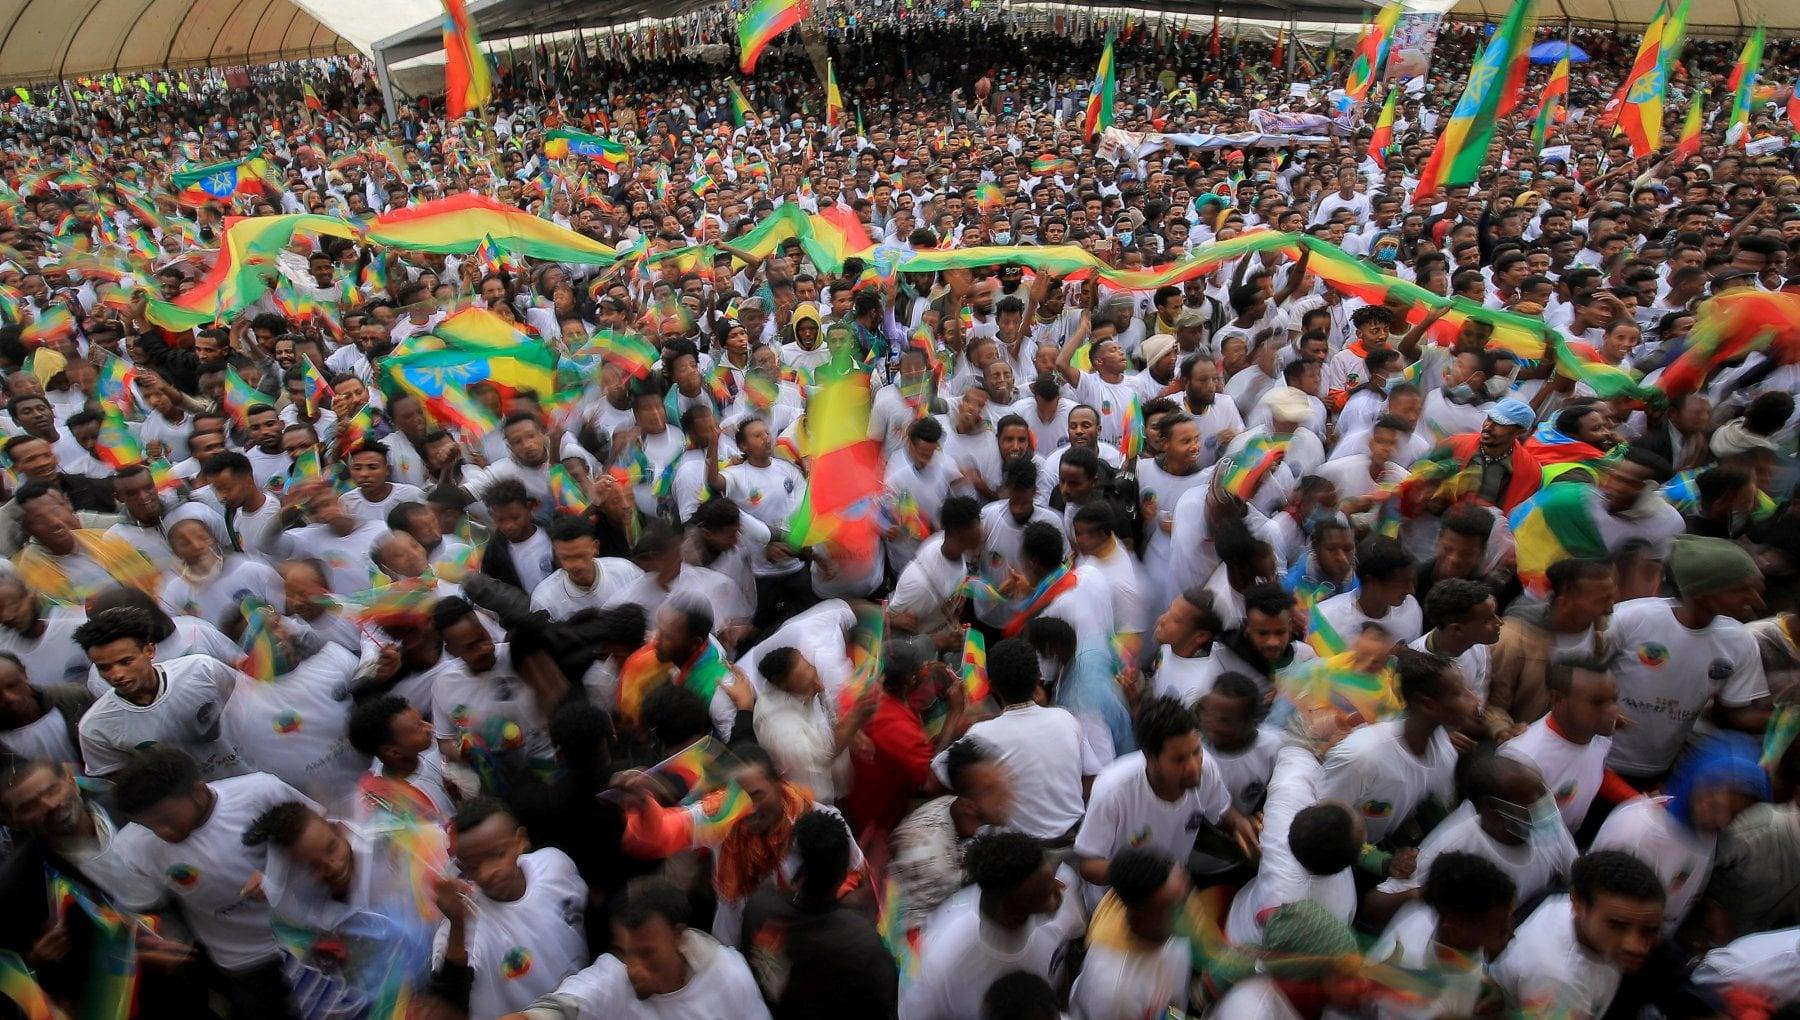 161422534 2f478529 aff1 4932 b501 d162478716d5 - Etiopia, il conflitto risveglia vecchie rivalità etniche. E i giovani del Somali bloccano lo sbocco al mare di Addis Abeba